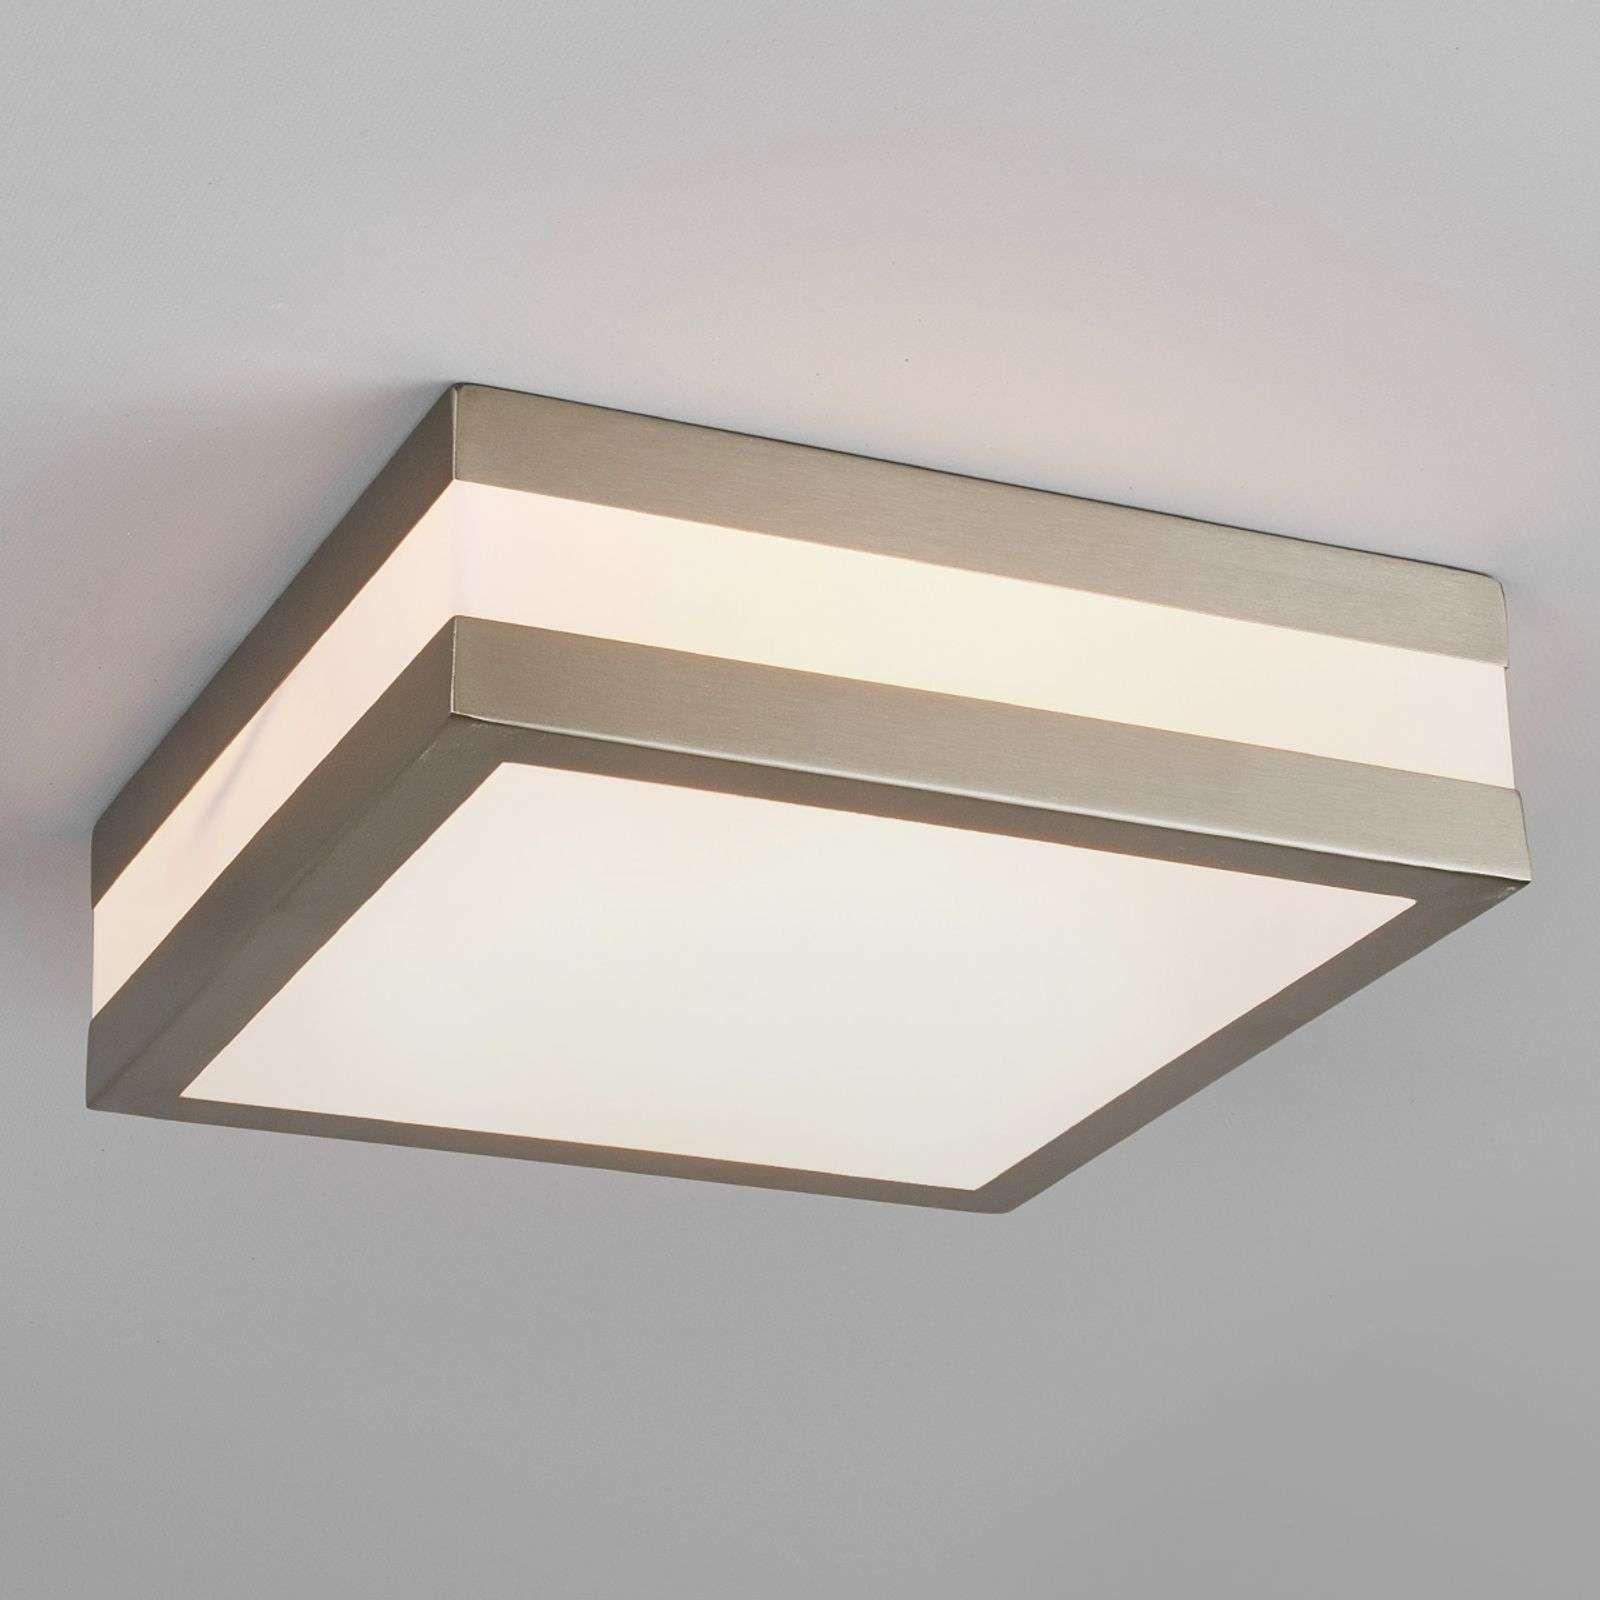 Plafonnier D Exterieur Carre Hana En 2020 Plafonnier Luminaire Plafonnier Et Lumiere De Lampe